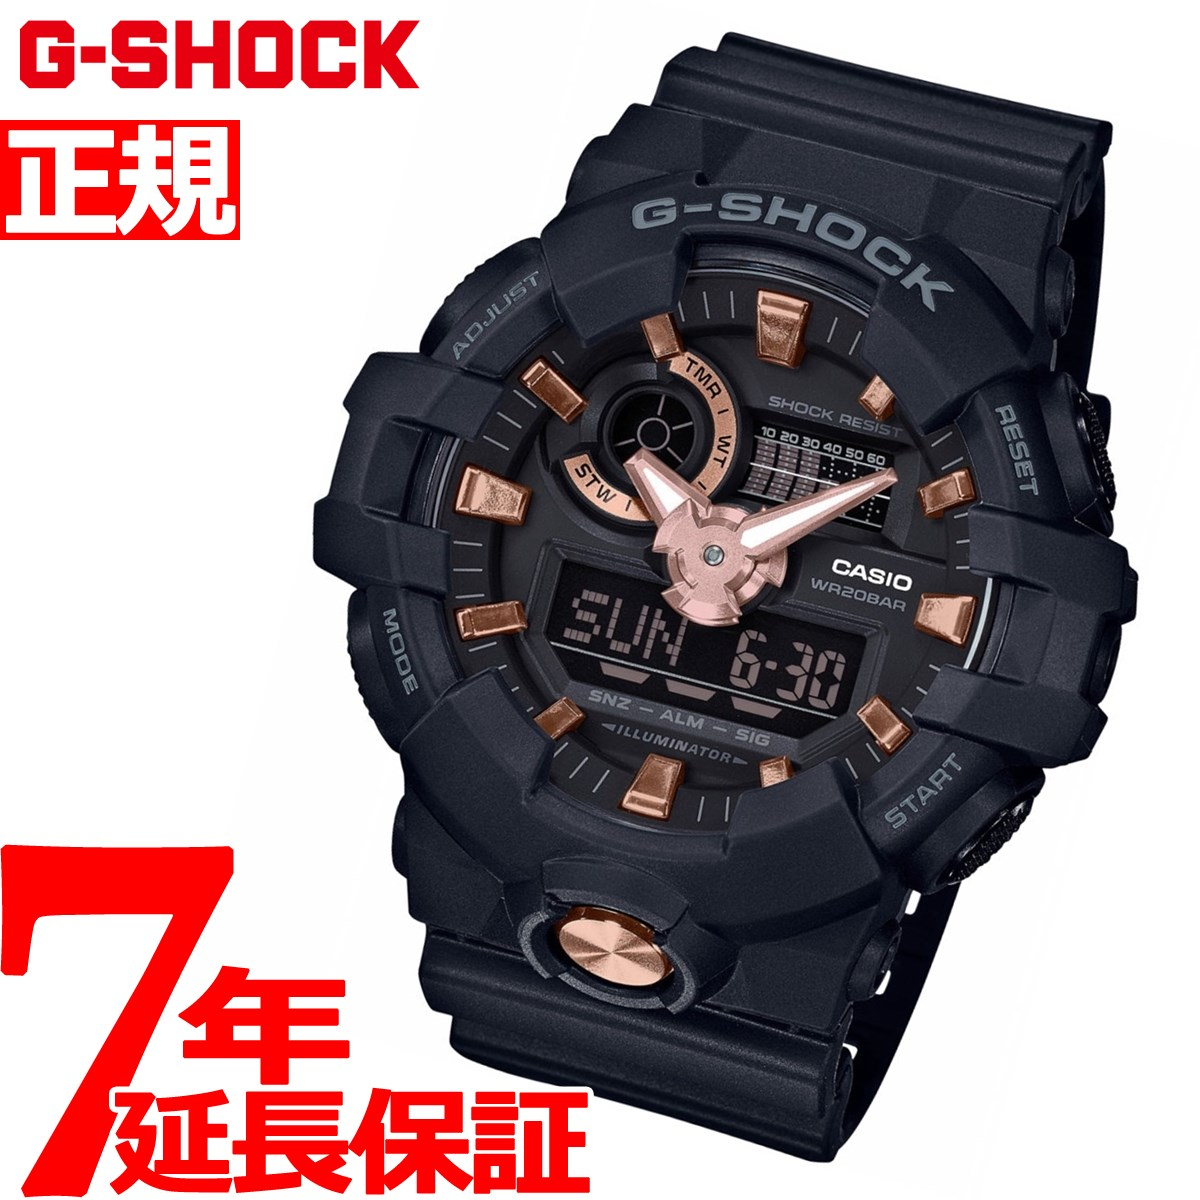 G-SHOCK アナデジ メンズ 腕時計 BLACK & GOLD CASIO GA-710B-1A4JF【2018 新作】